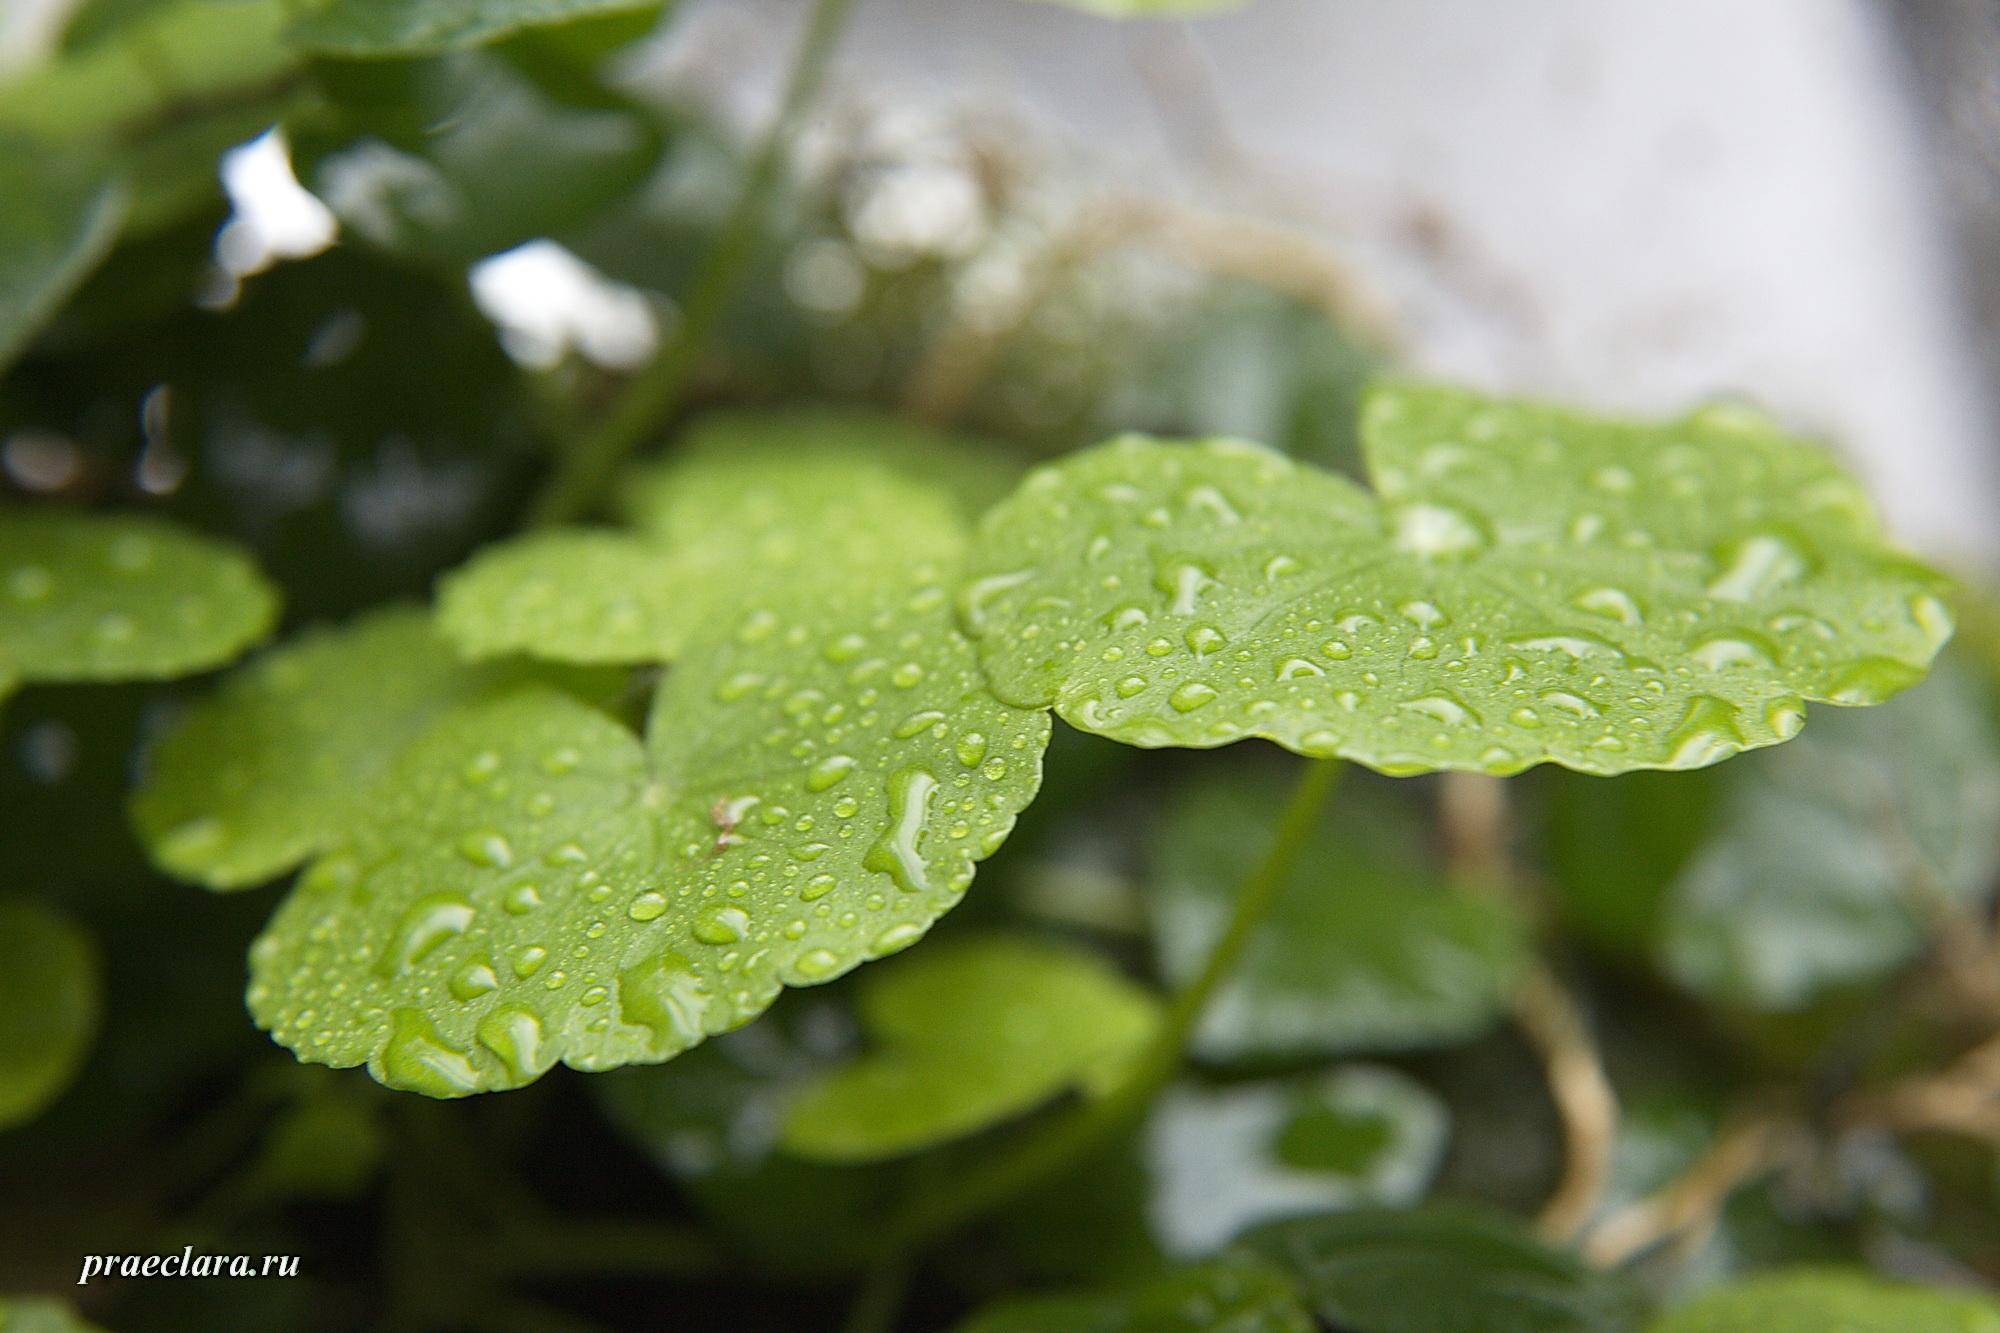 Щитолистник белоголовый (Hydrocotyle leucocephala) на вабикусе